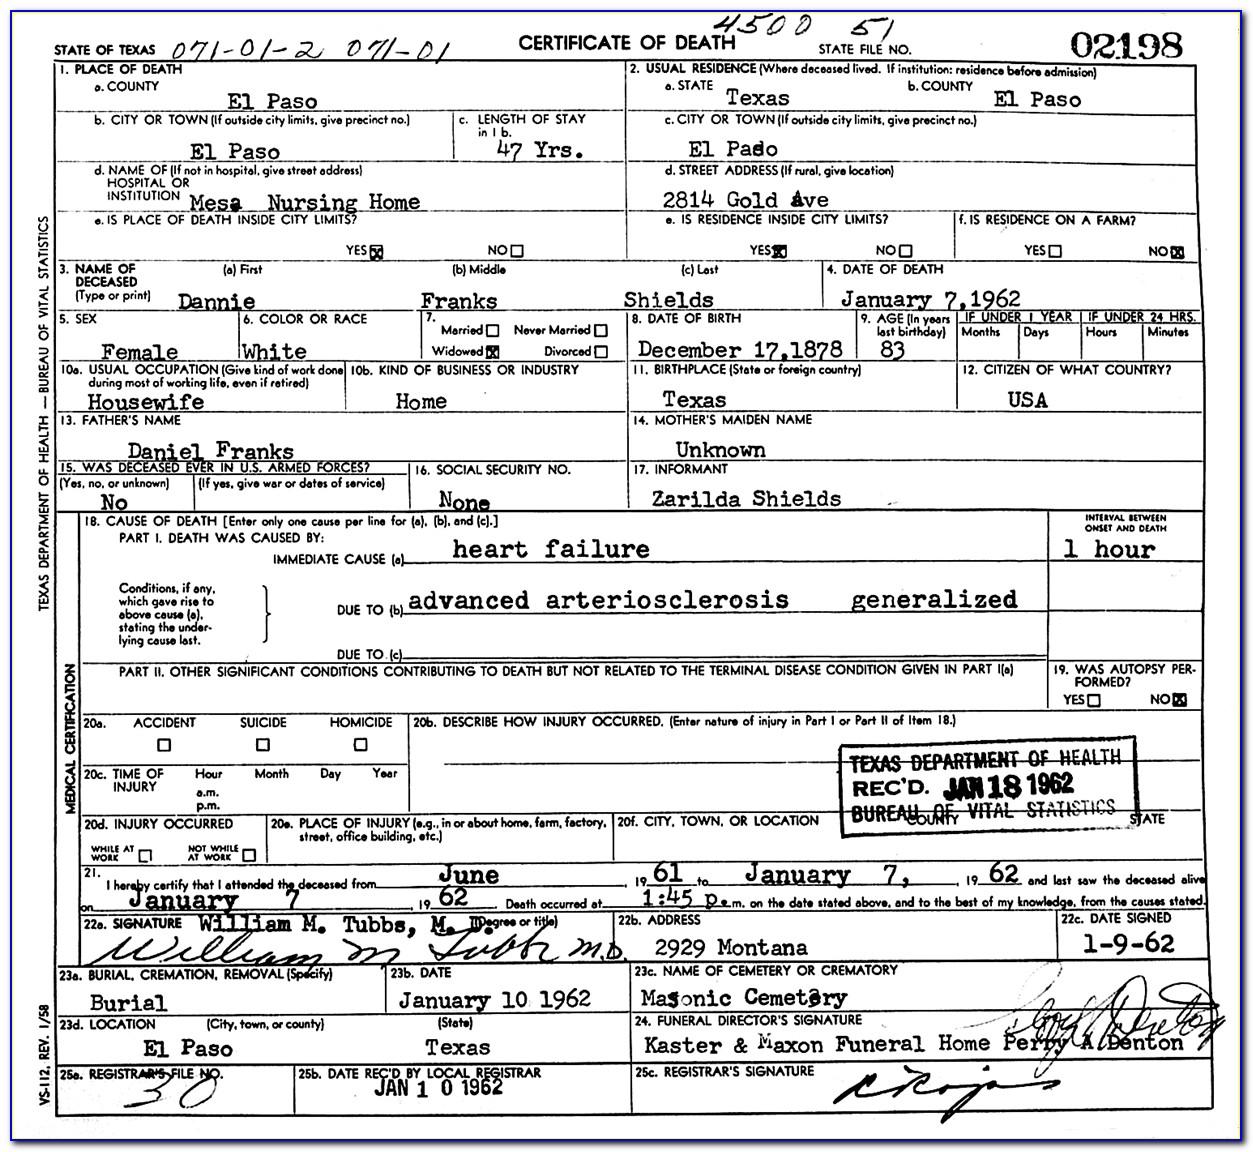 El Paso County Birth Record